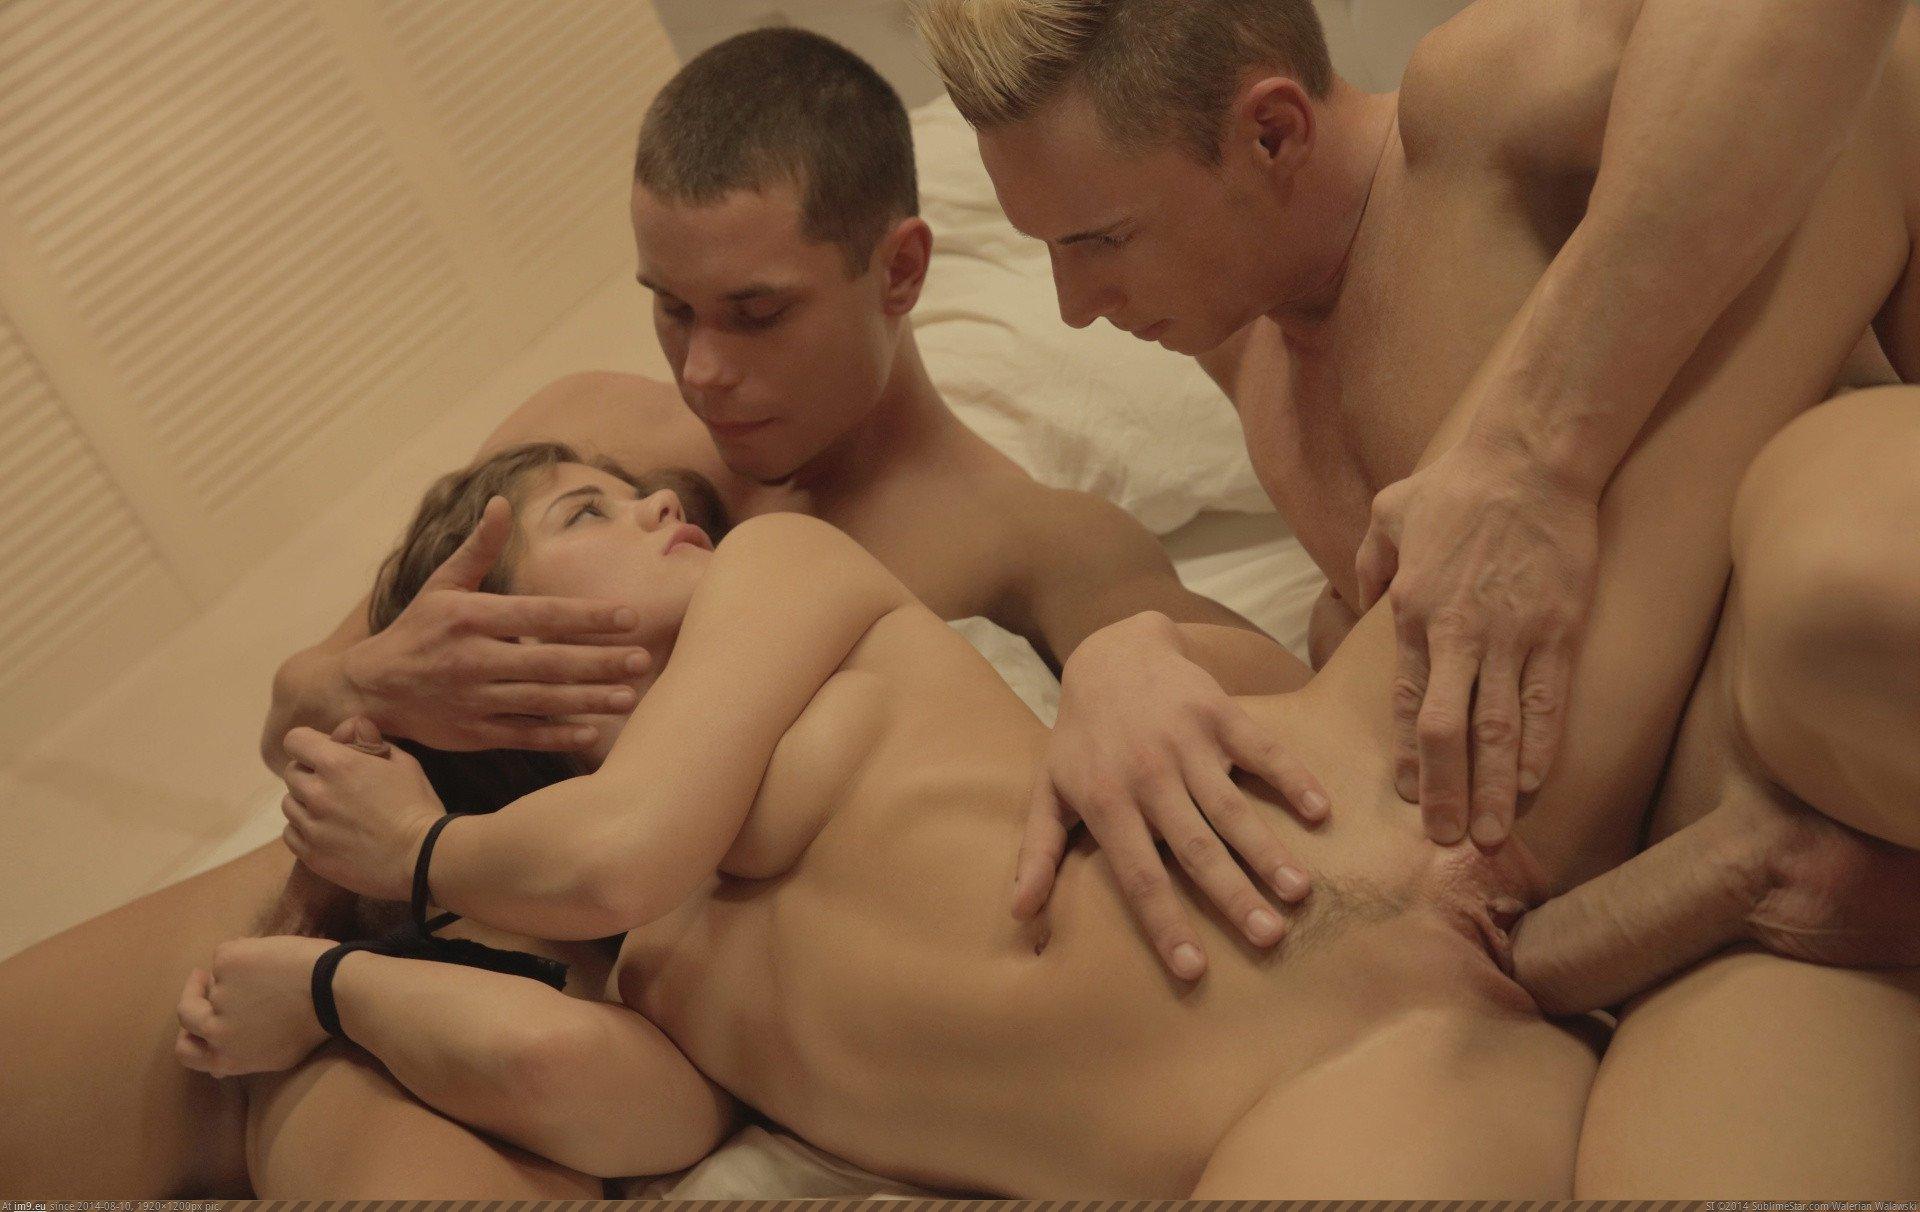 nsfw-caprice-mfm-threesome-3